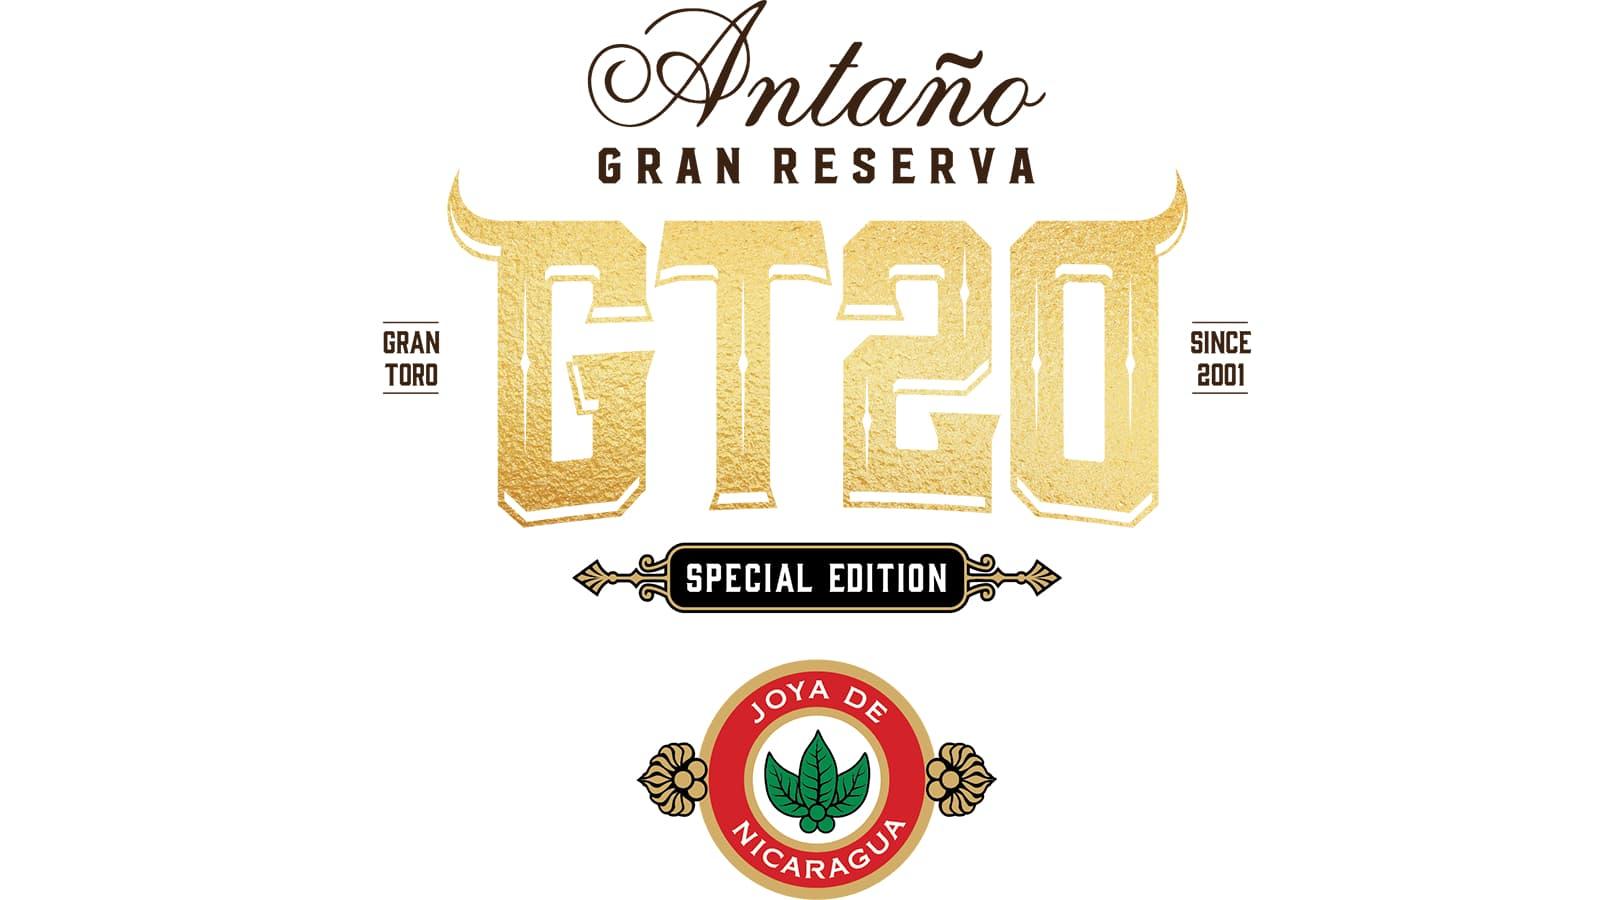 Joya de Nicaragua Antano Gran Reserva GT20